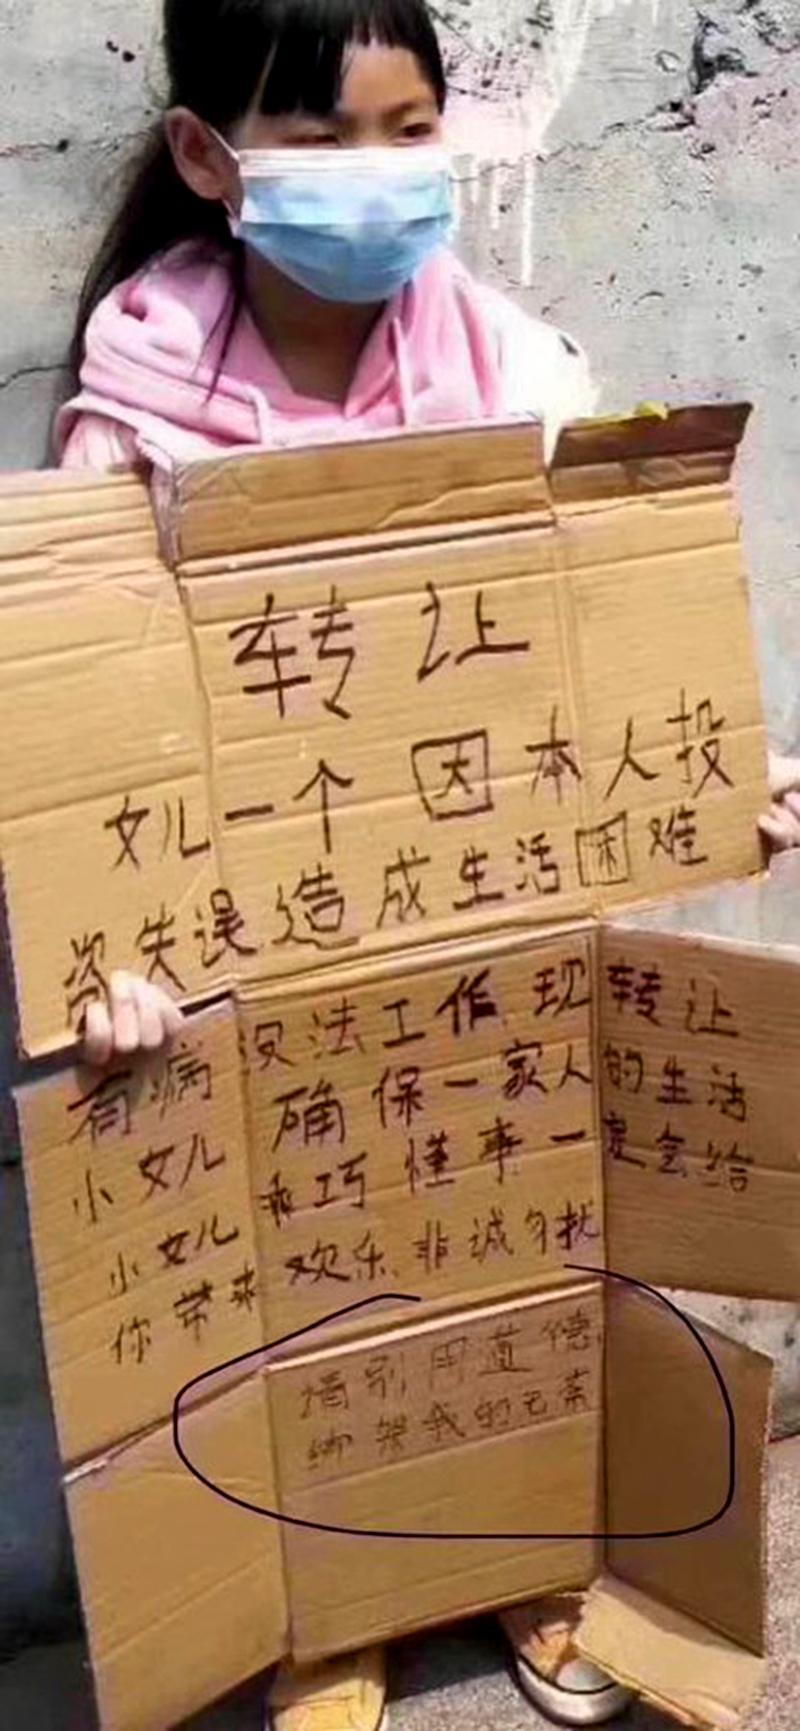 """Trung Quốc: Một gia đình lâm vào cảnh tuyệt vọng phải treo biển """"chuyển nhượng"""" con gái (ảnh 2)"""